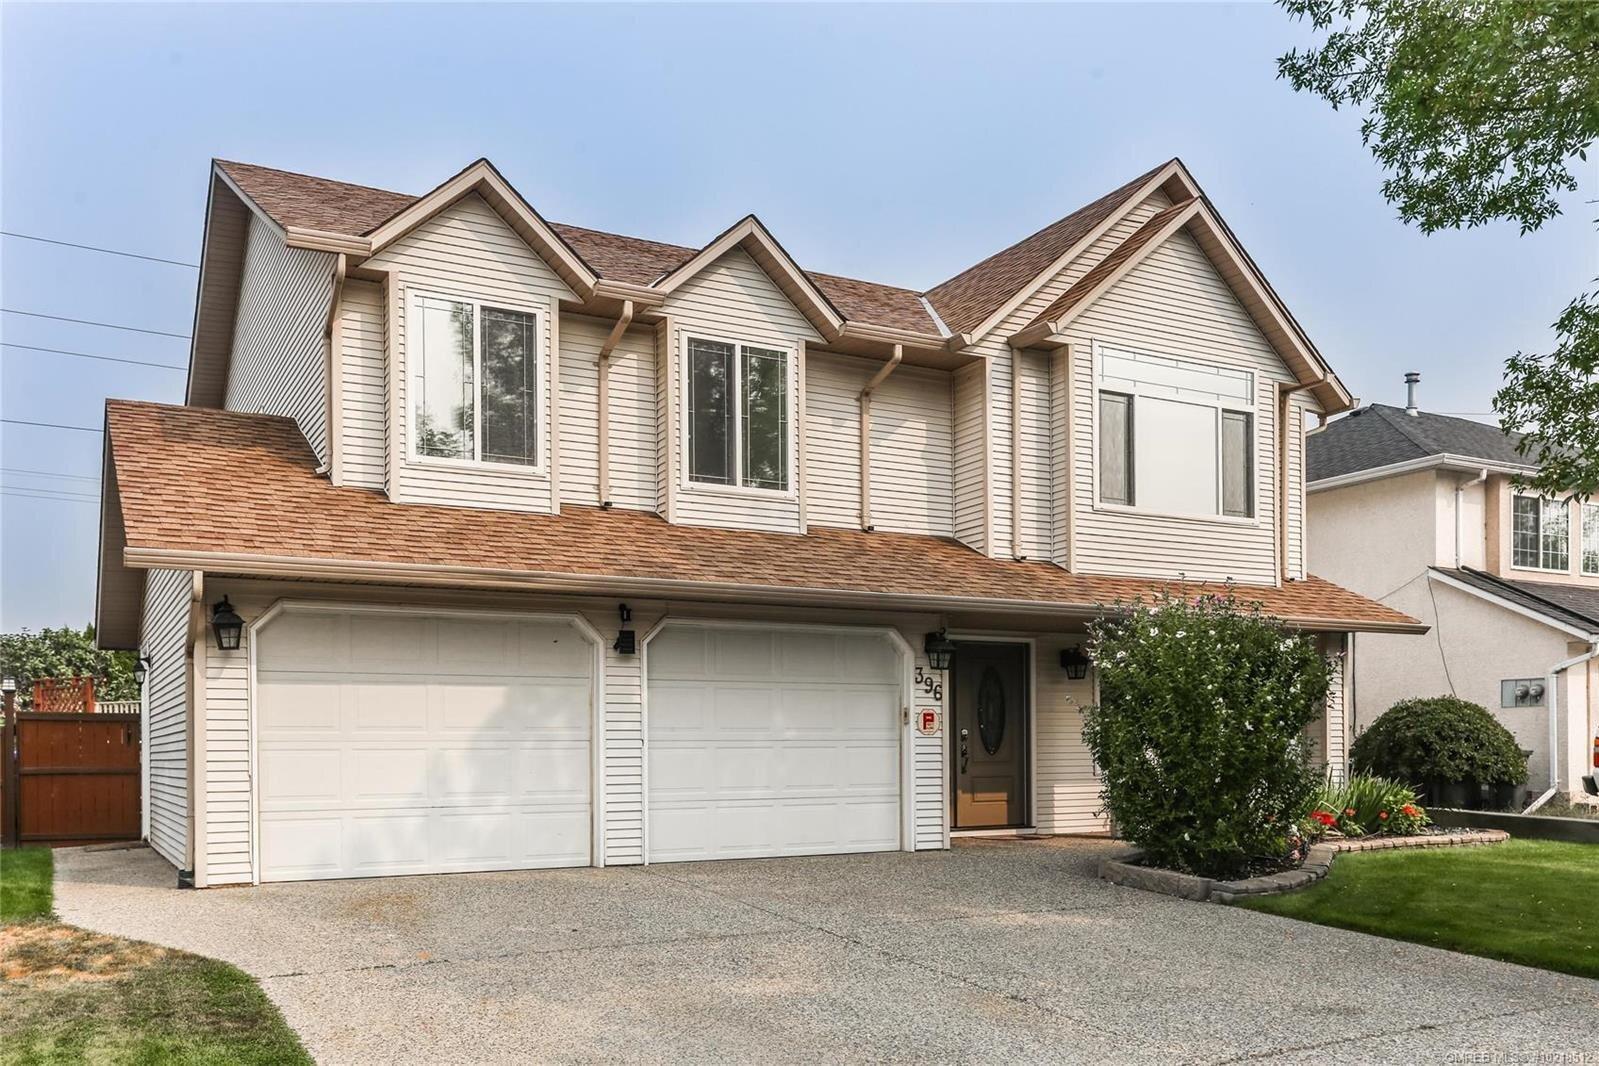 House for sale at 396 Klassen Rd Kelowna British Columbia - MLS: 10218512